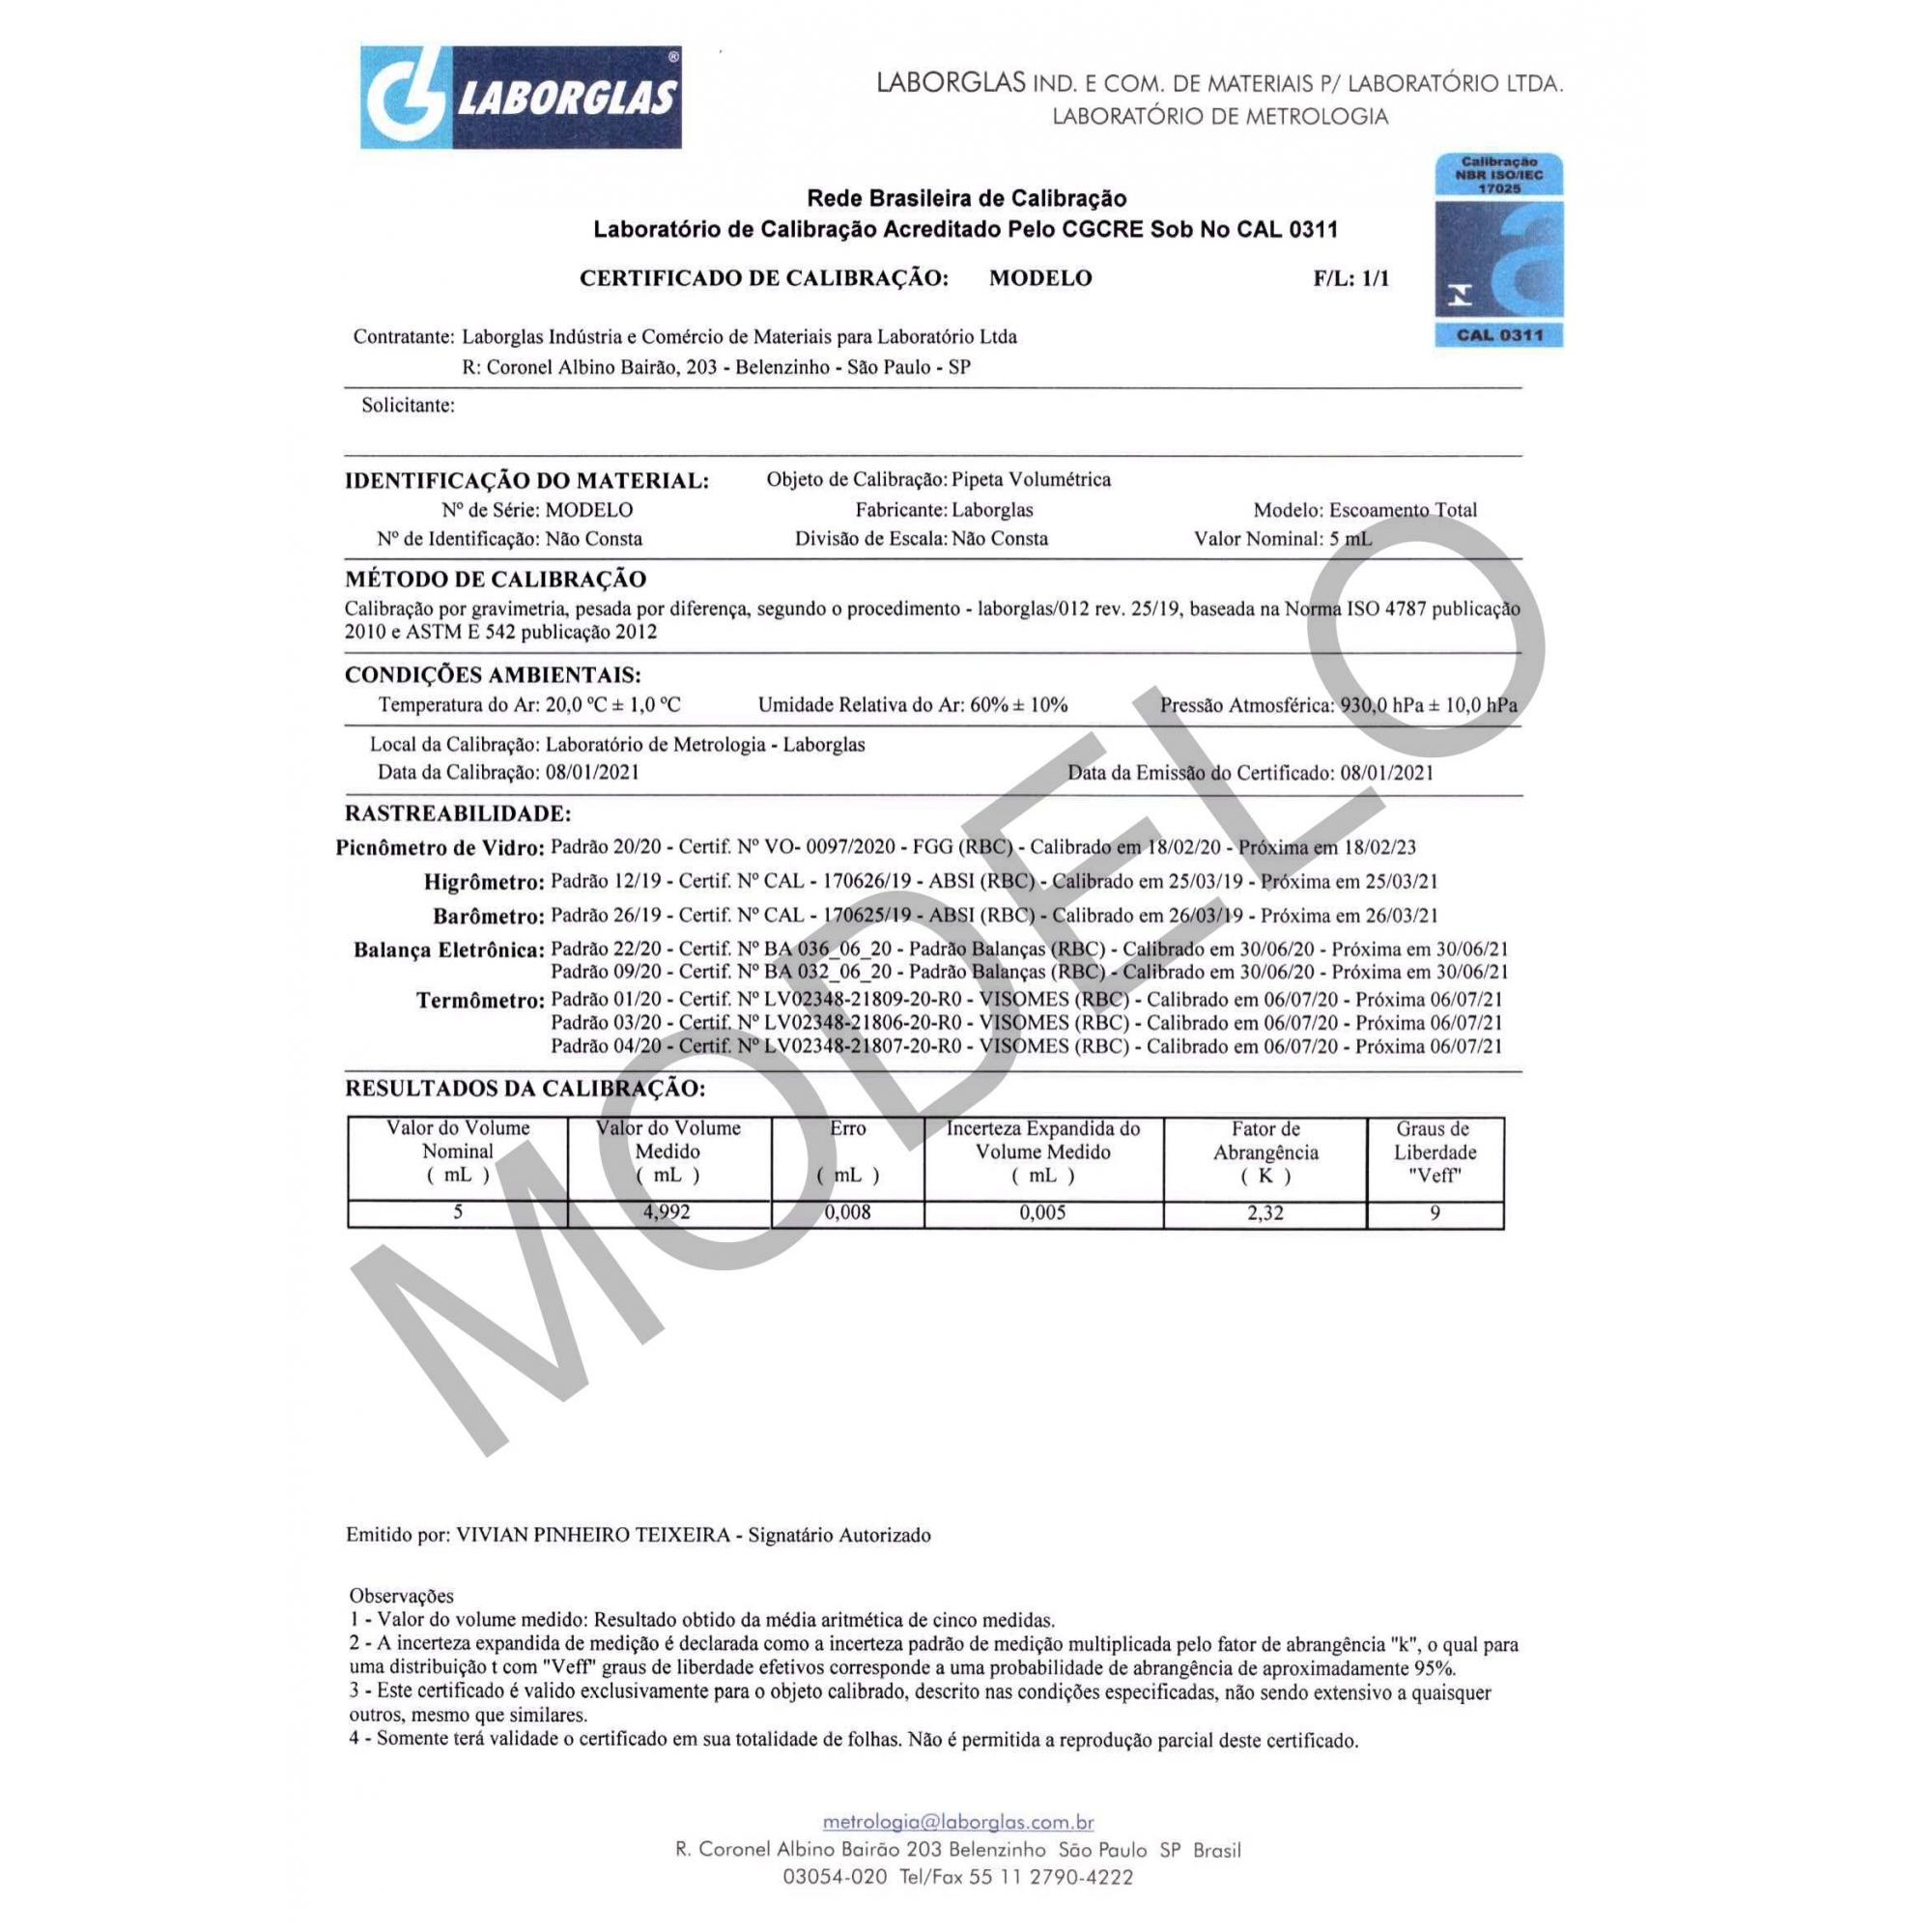 PIPETA VOLUMÉTRICA ESGOTAMENTO TOTAL CLASSE A  50 ML COM CERTIFICADO RBC - Laborglas - Cód. 9433816-R